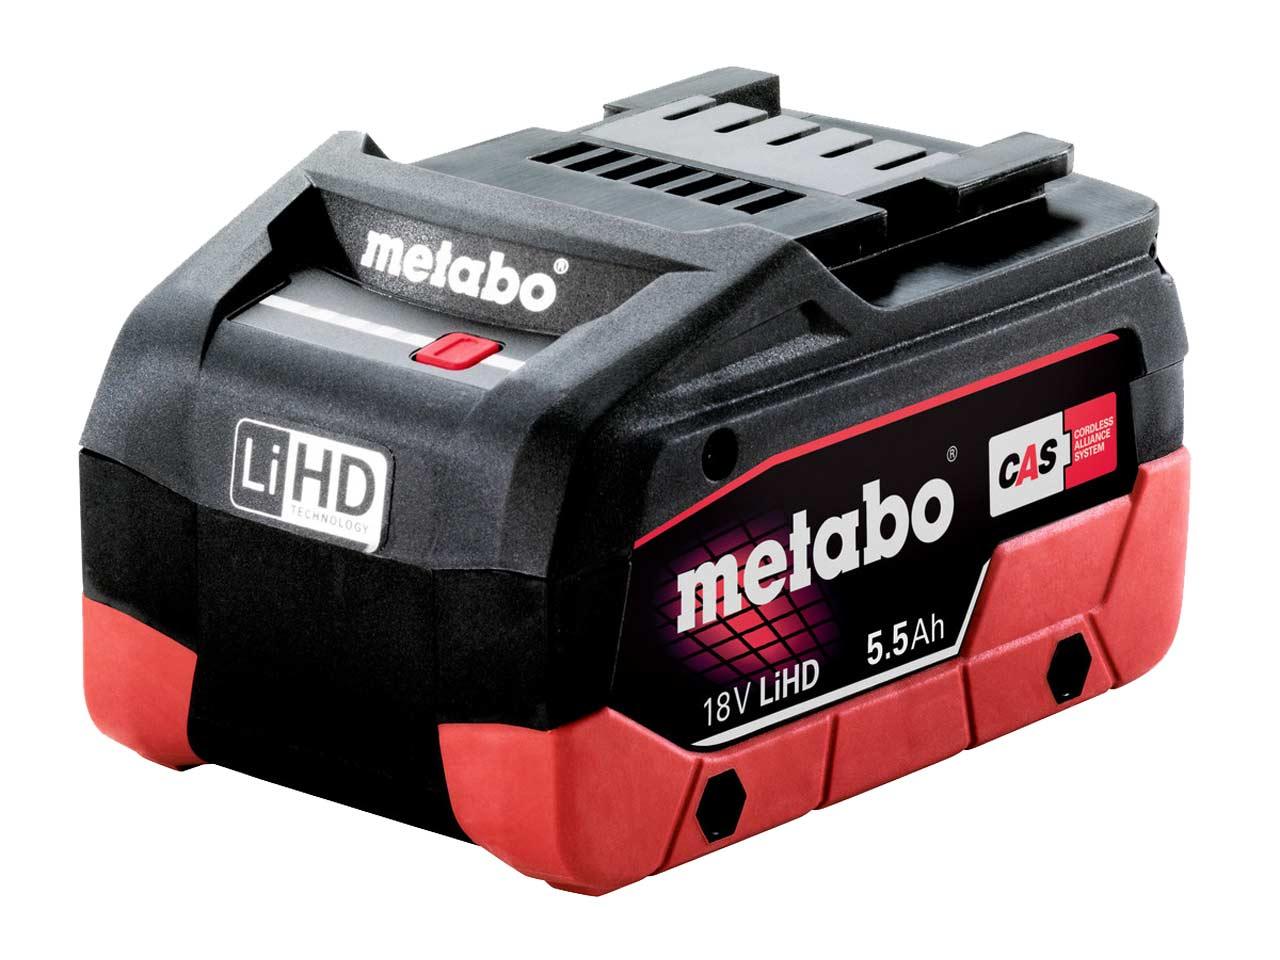 Metabo_625342000v2.jpg